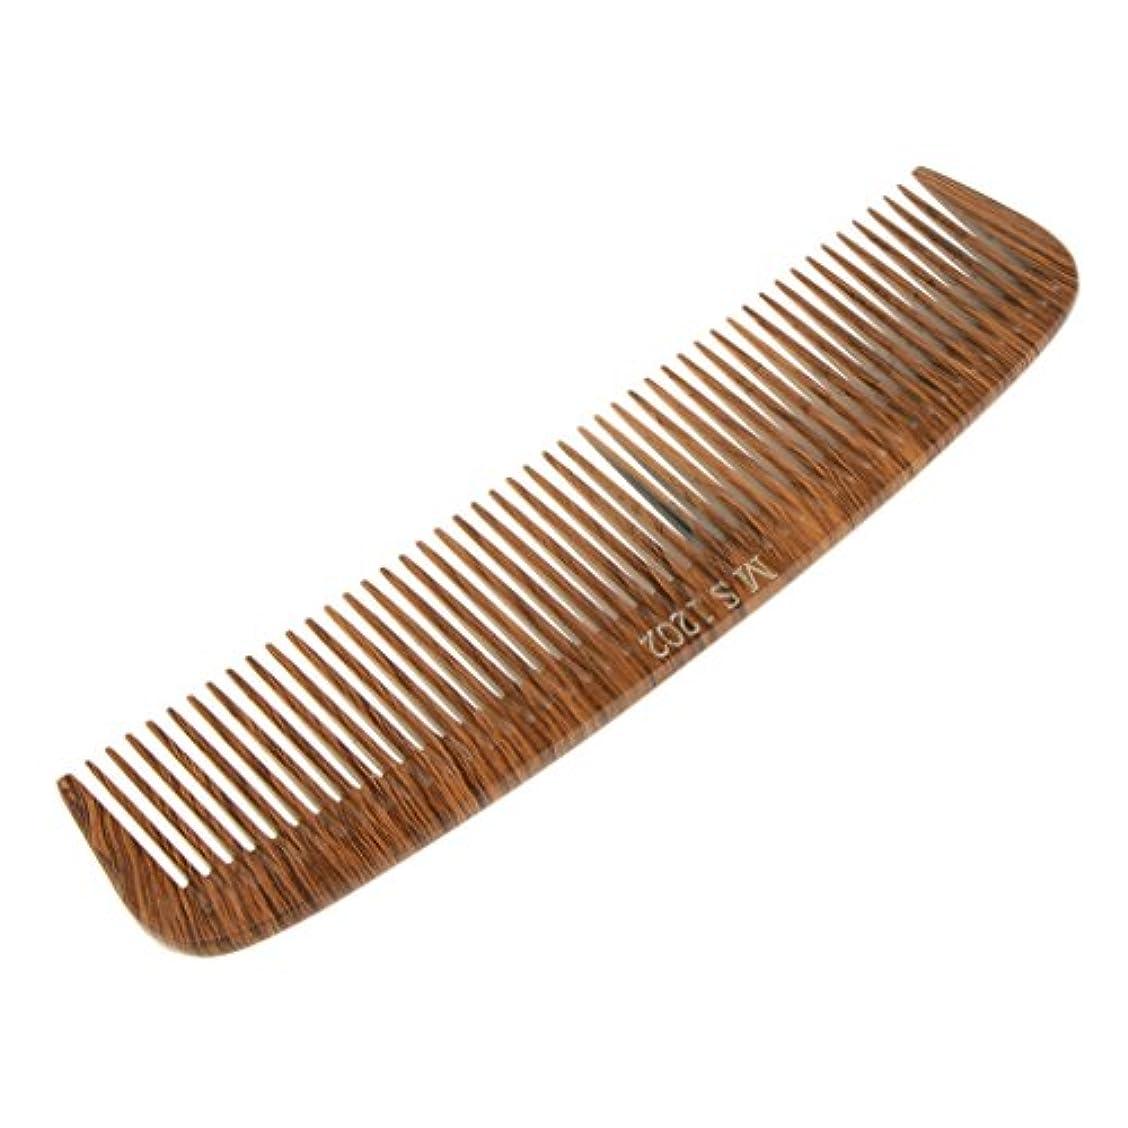 Perfeclan ヘアコーム ヘアブラシ 帯電防止 ウッド サロン 理髪師 ヘアカット ヘアスタイル ヘアケア 4タイプ選べる - 1202